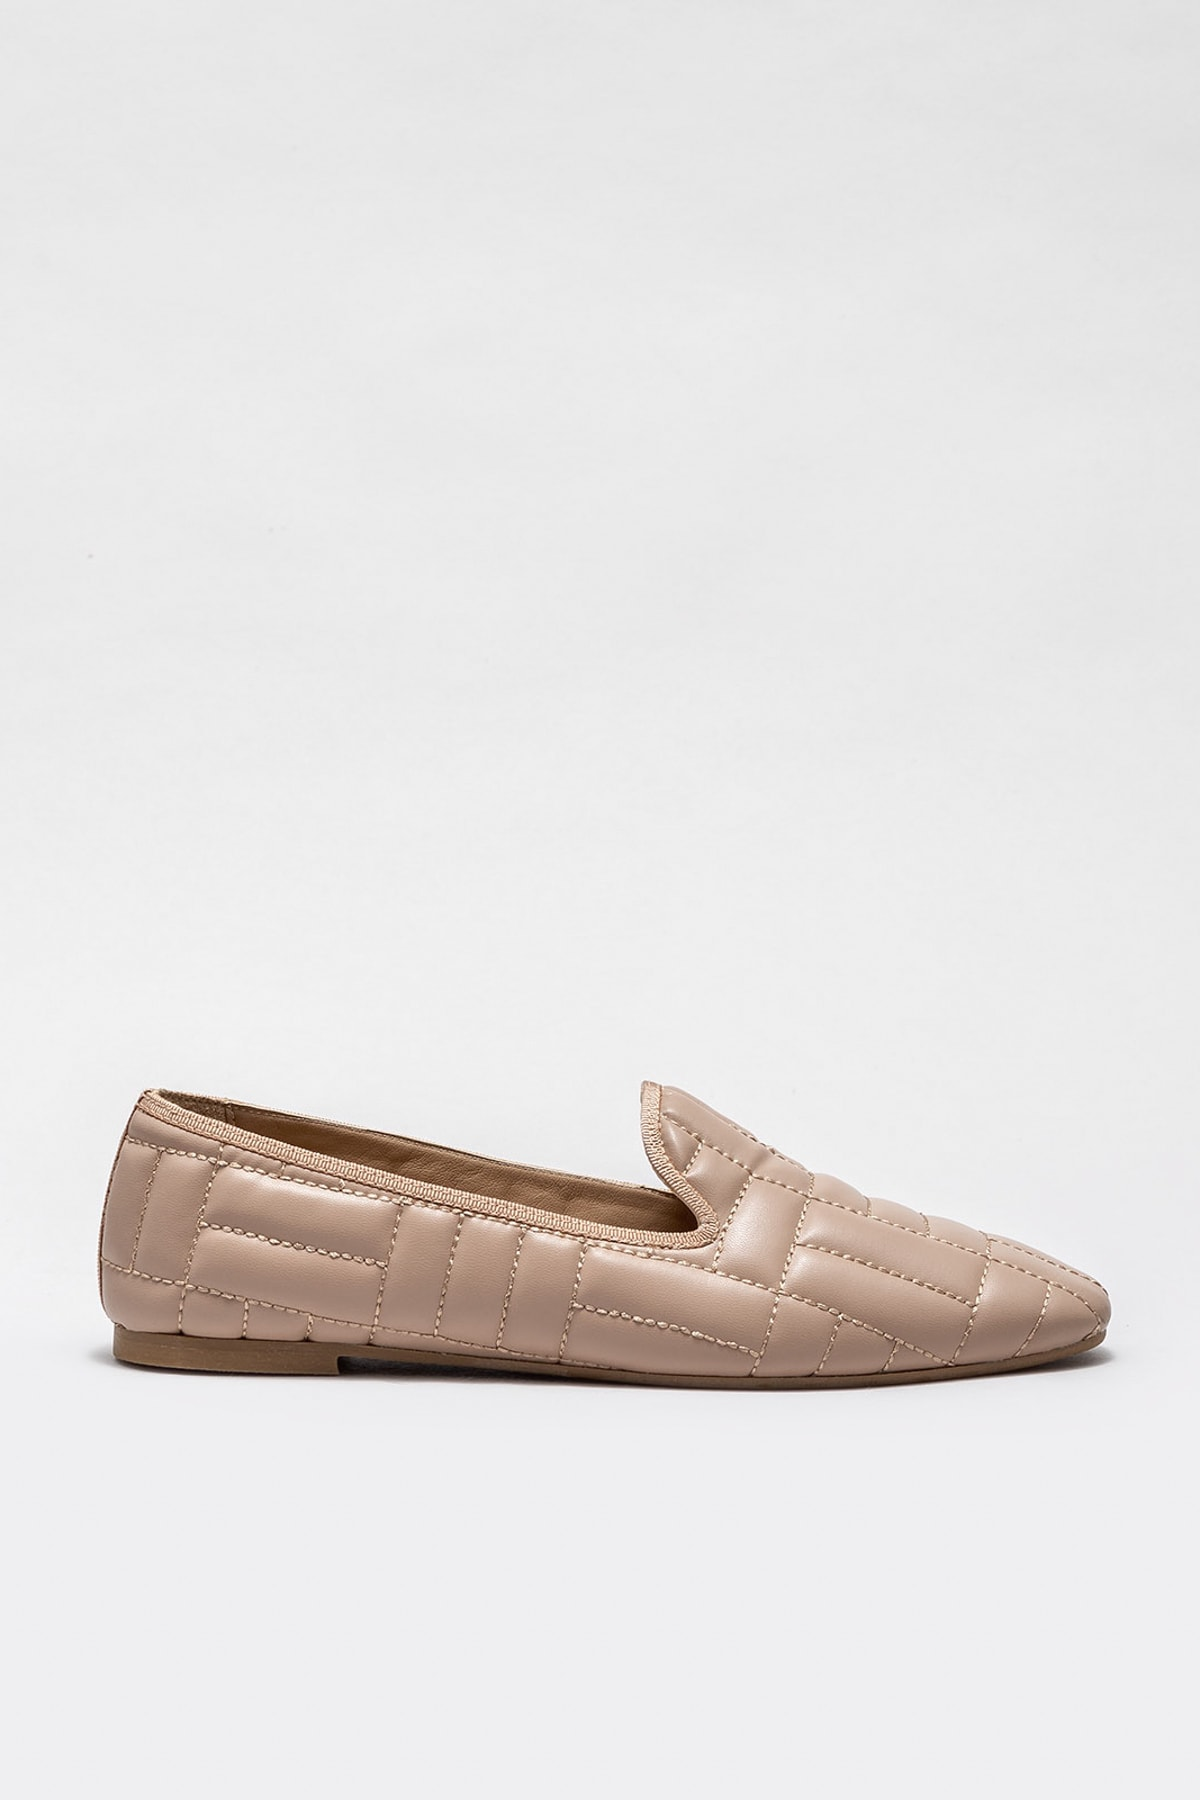 Kadın Kobzar Vızon Casual Ayakkabı 20KDY433